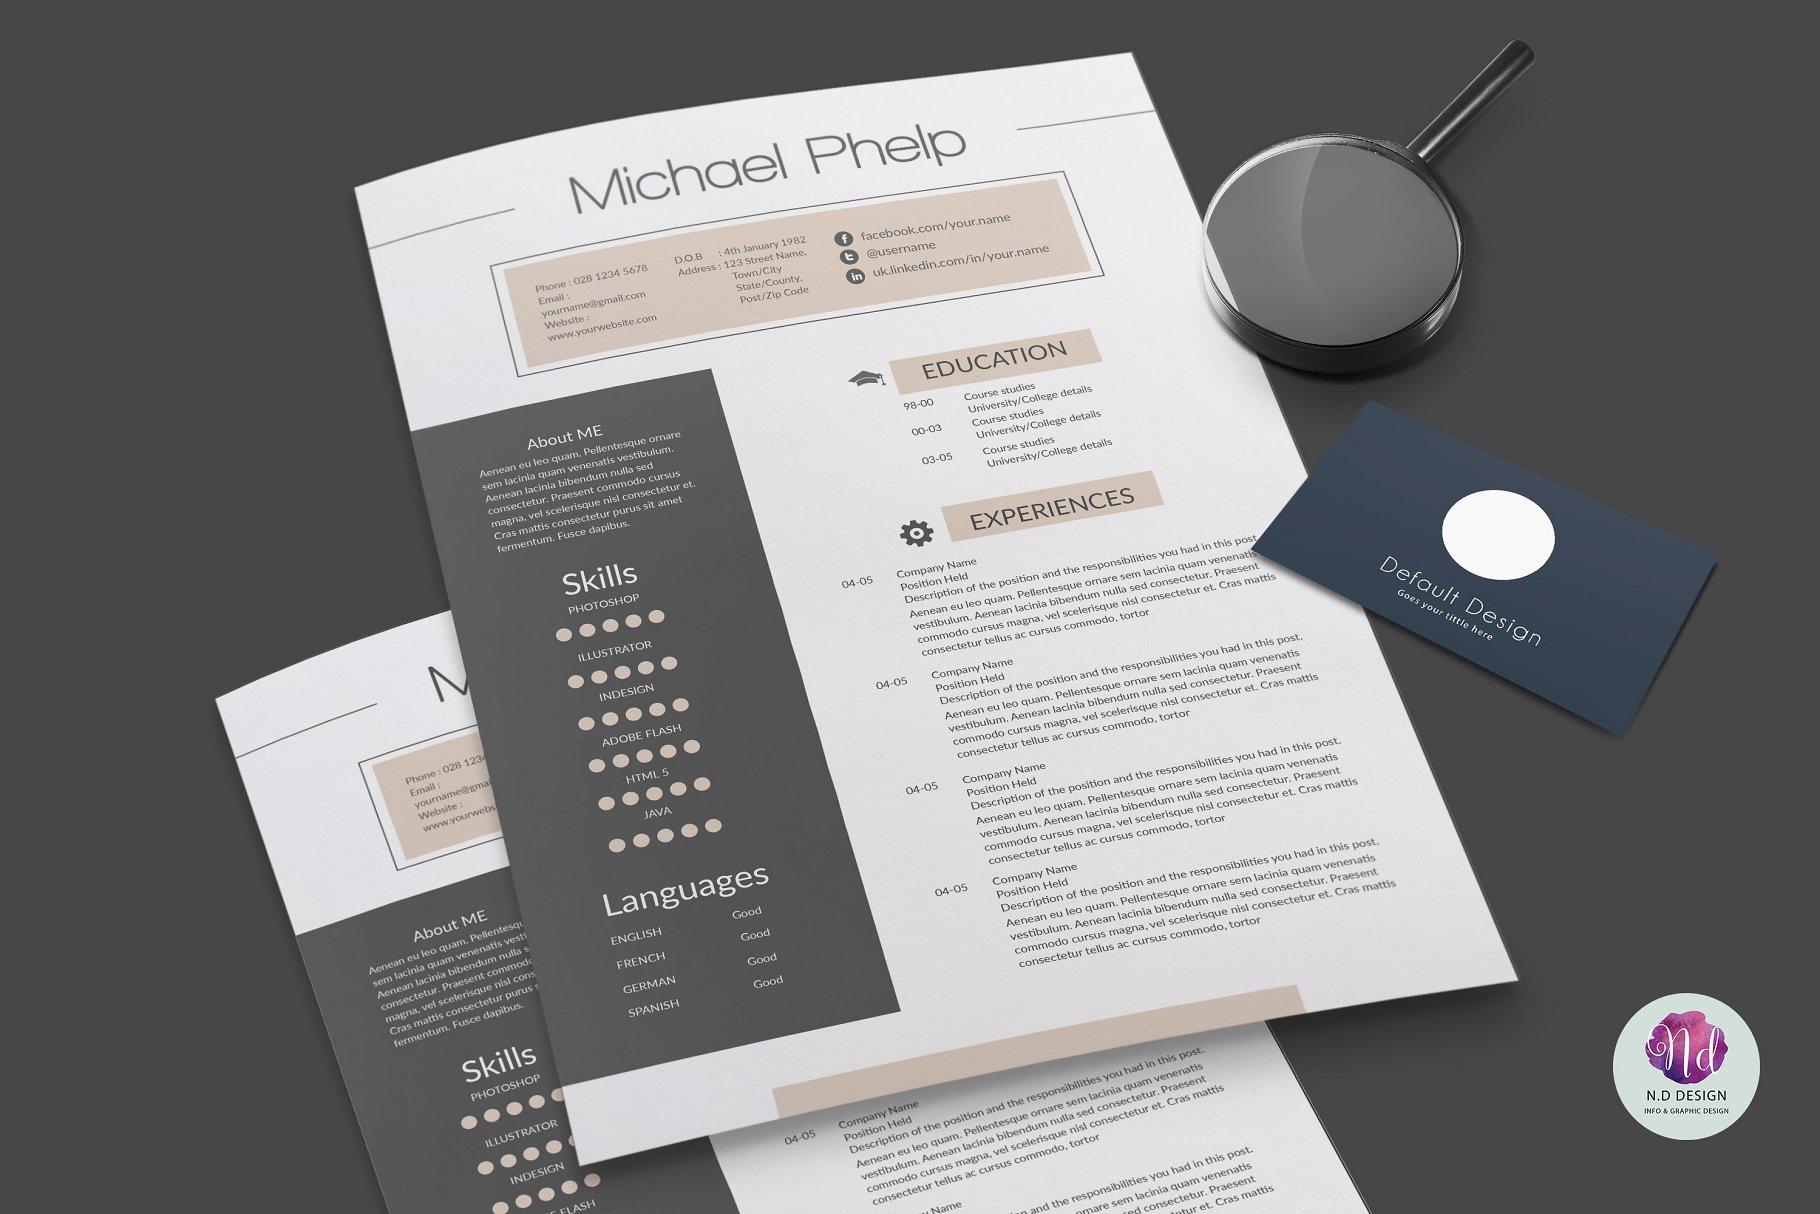 职场设计师精致简历模版 Professional resume template